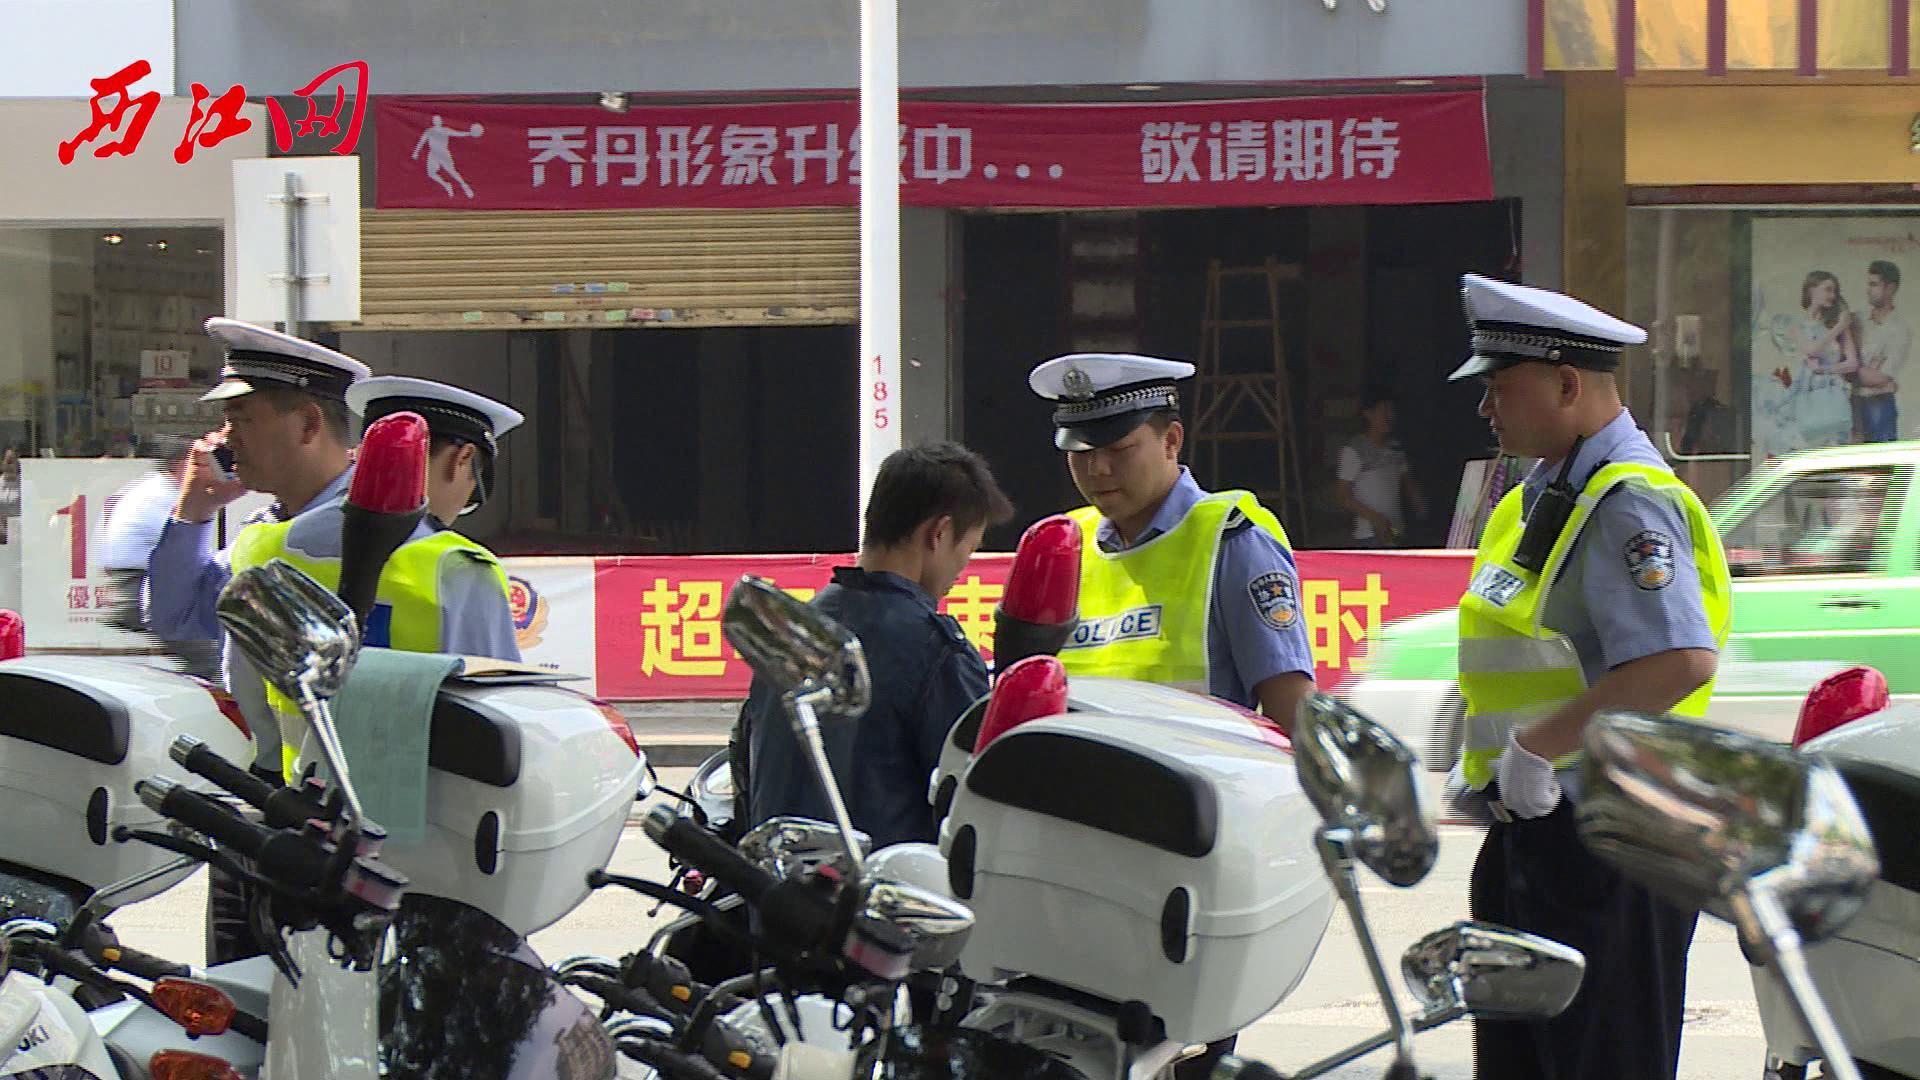 爱心企业送水慰问道路交通秩序整治行动执勤警员